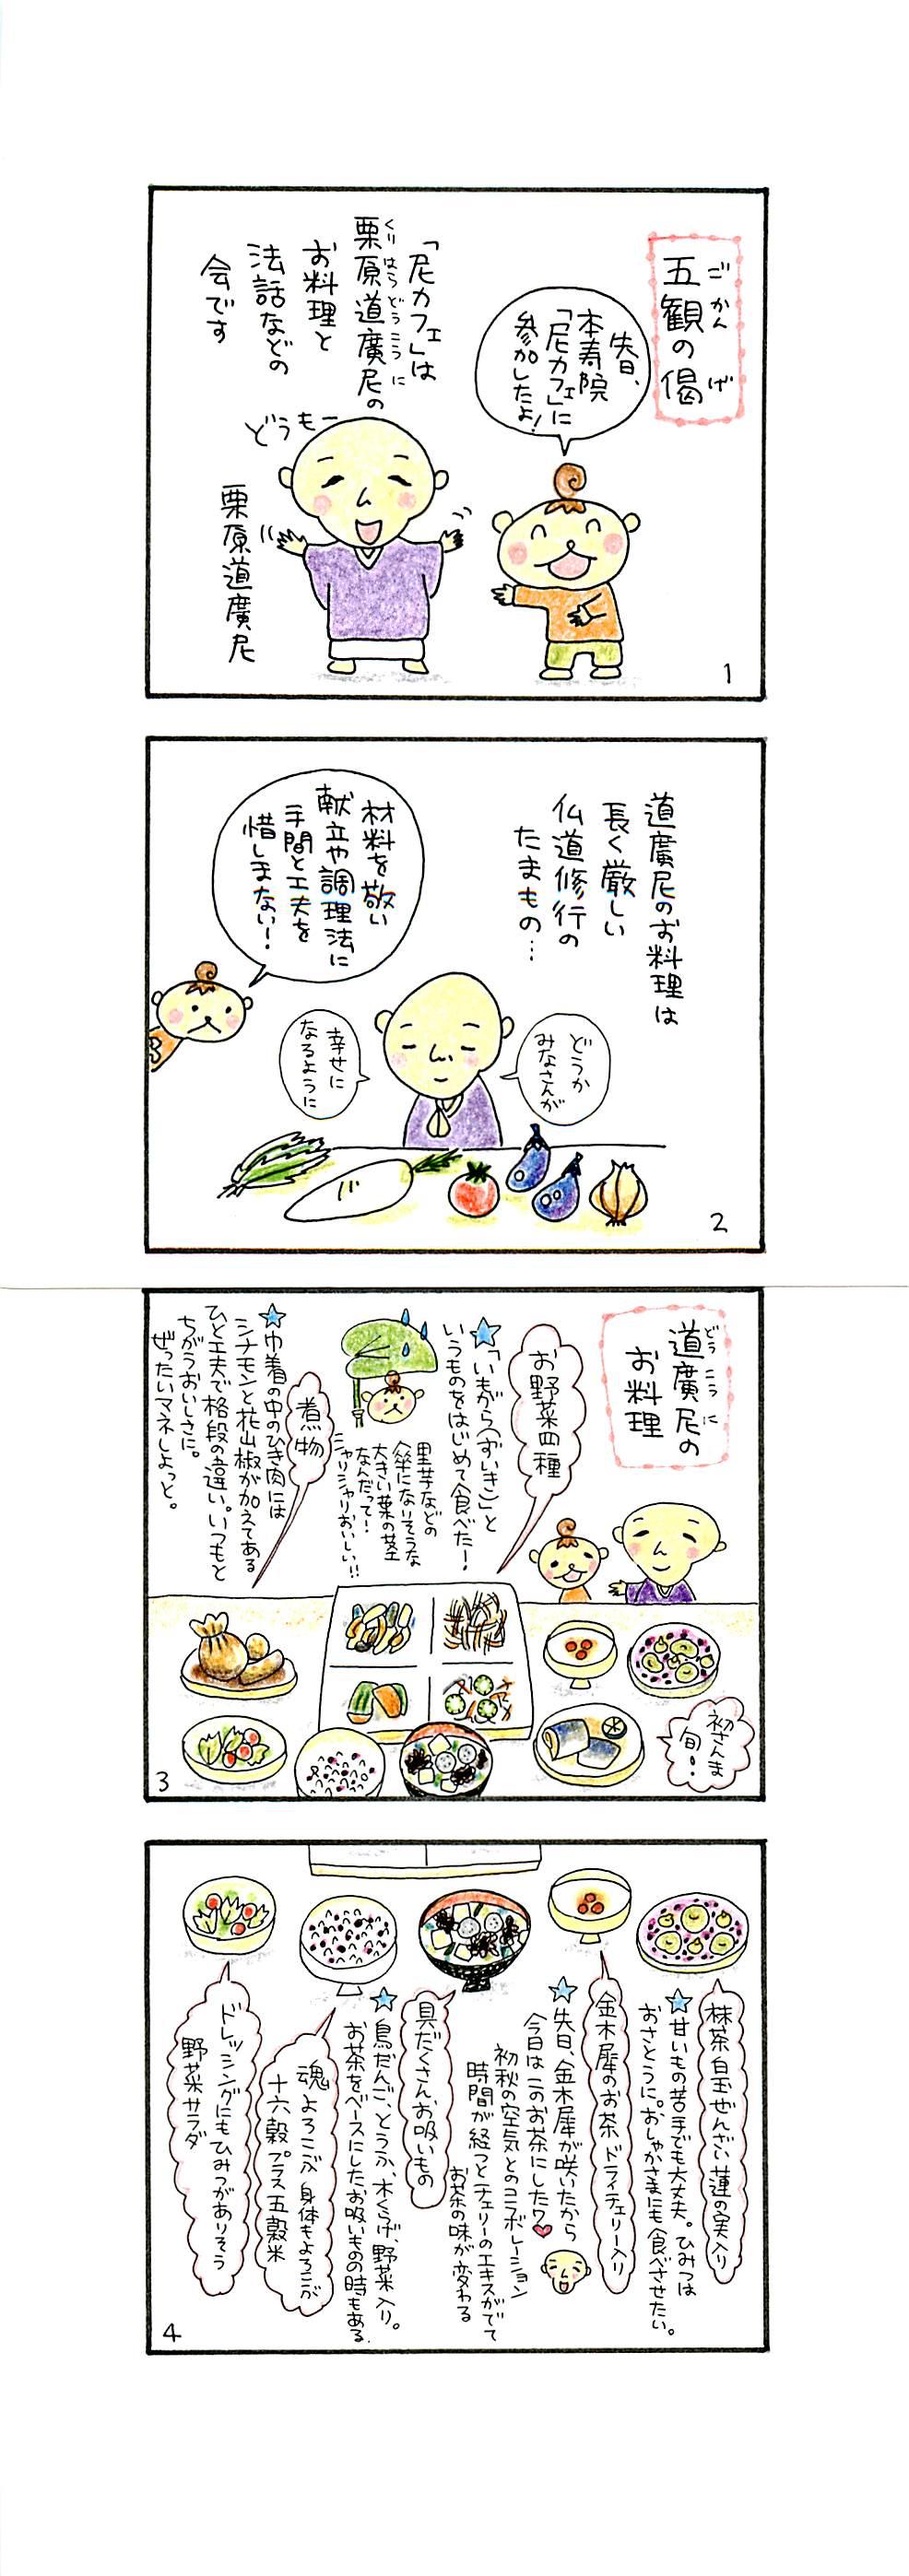 五観の偈薫明漫画_ページ_1